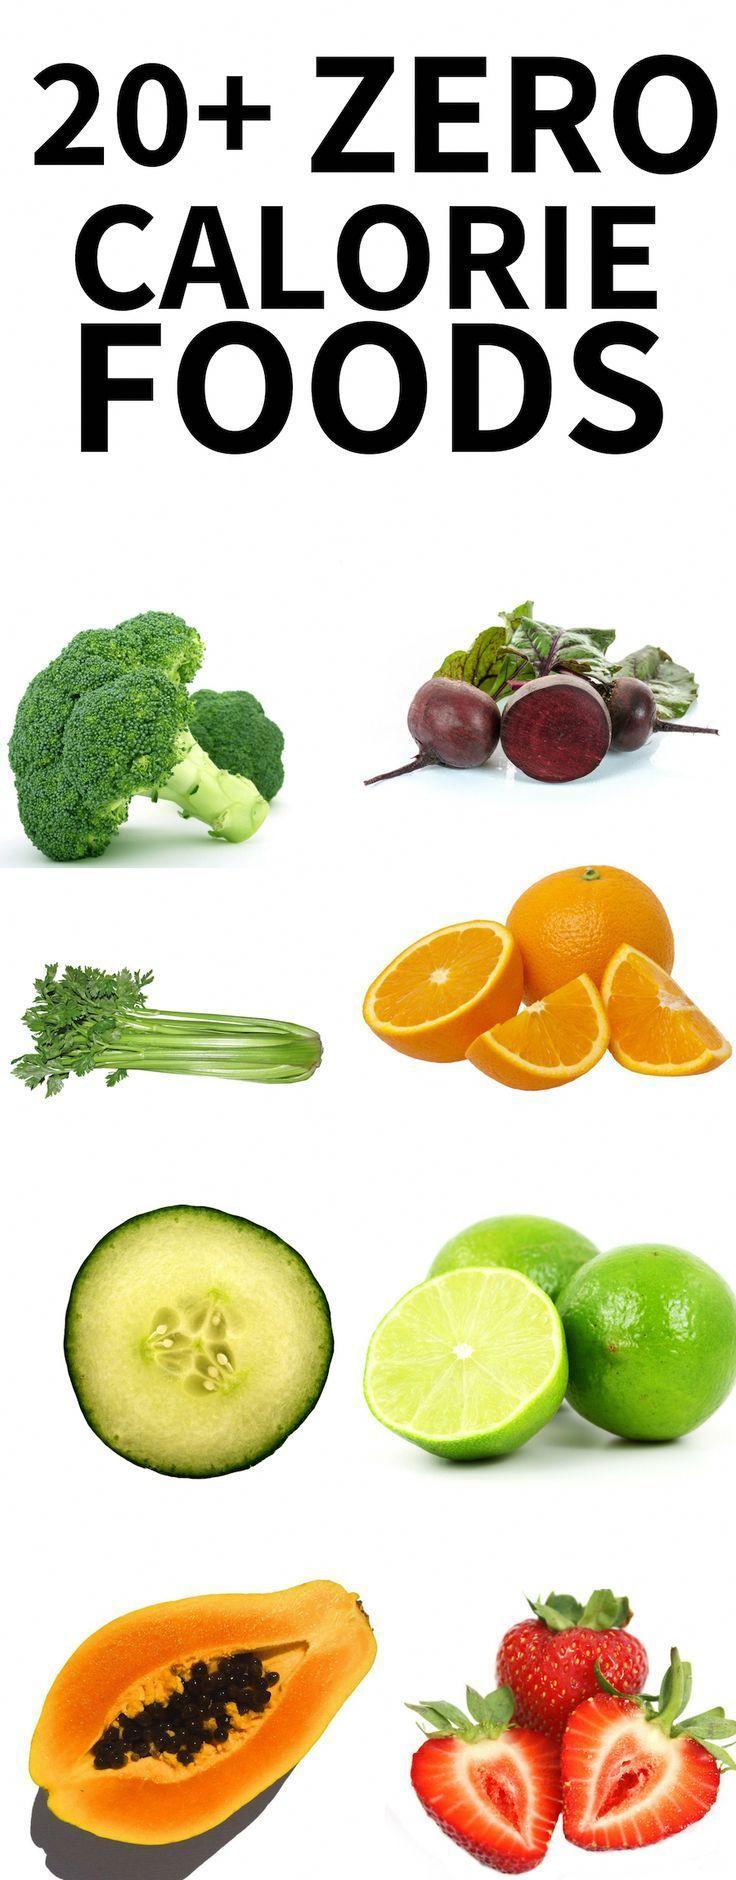 Endomorph Body Type Eating Plan #WeightLossFoodForWomen - #2Week #3Day #AntiInflammatory #Body #CleanEating #Drinks #Eating #Elimination #Endomorph #ForTeenagers #ForTeens #Illustration #Indonesia #Kpop #Mediterranean #Model #Plan #Recipes #Snacks #Type #WeightLossFoodForWomen #food recipe forteens